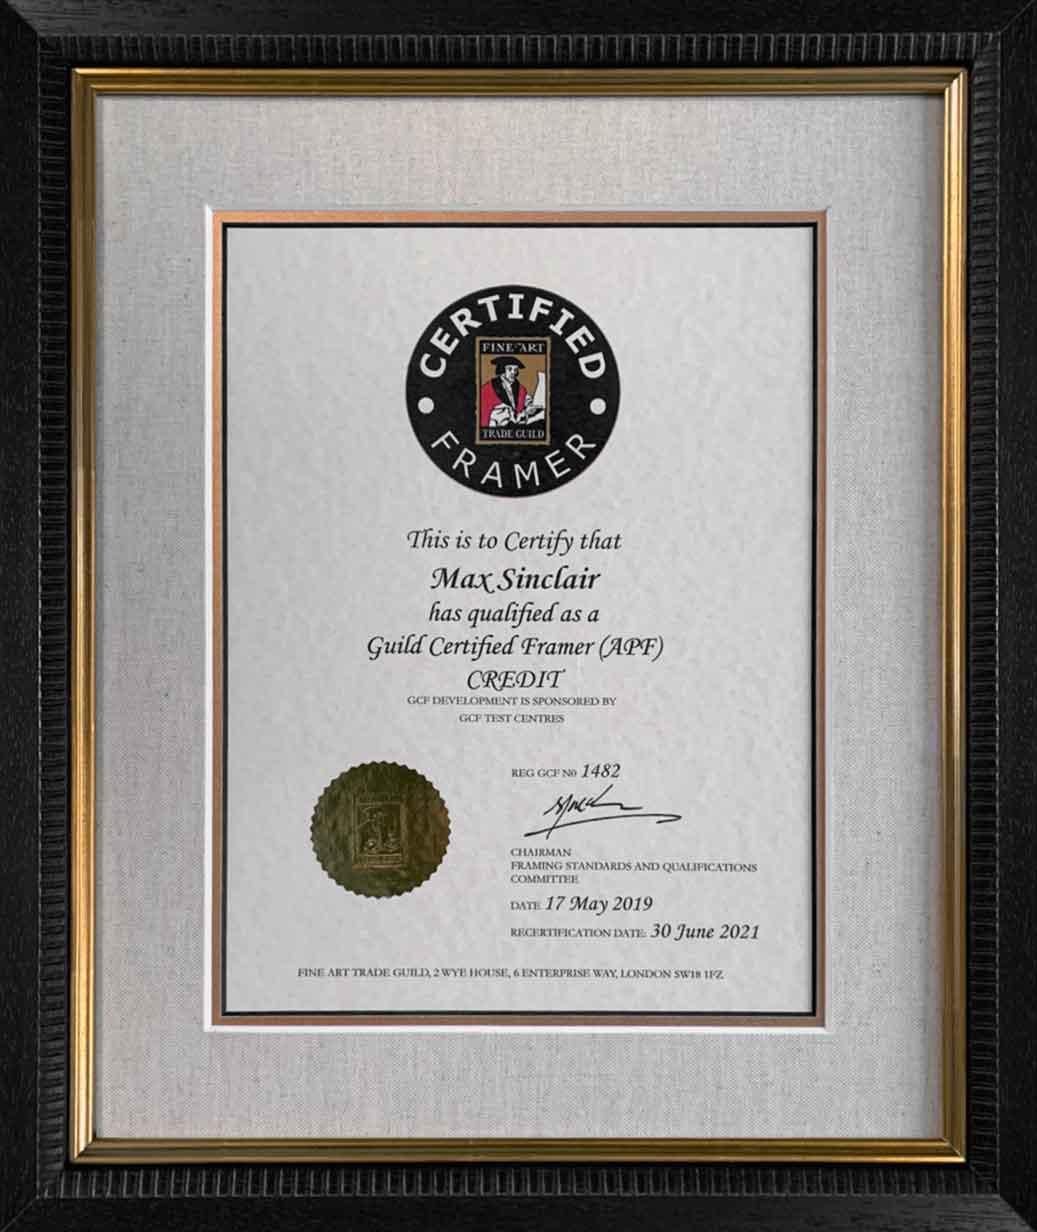 Certified Markham Framer